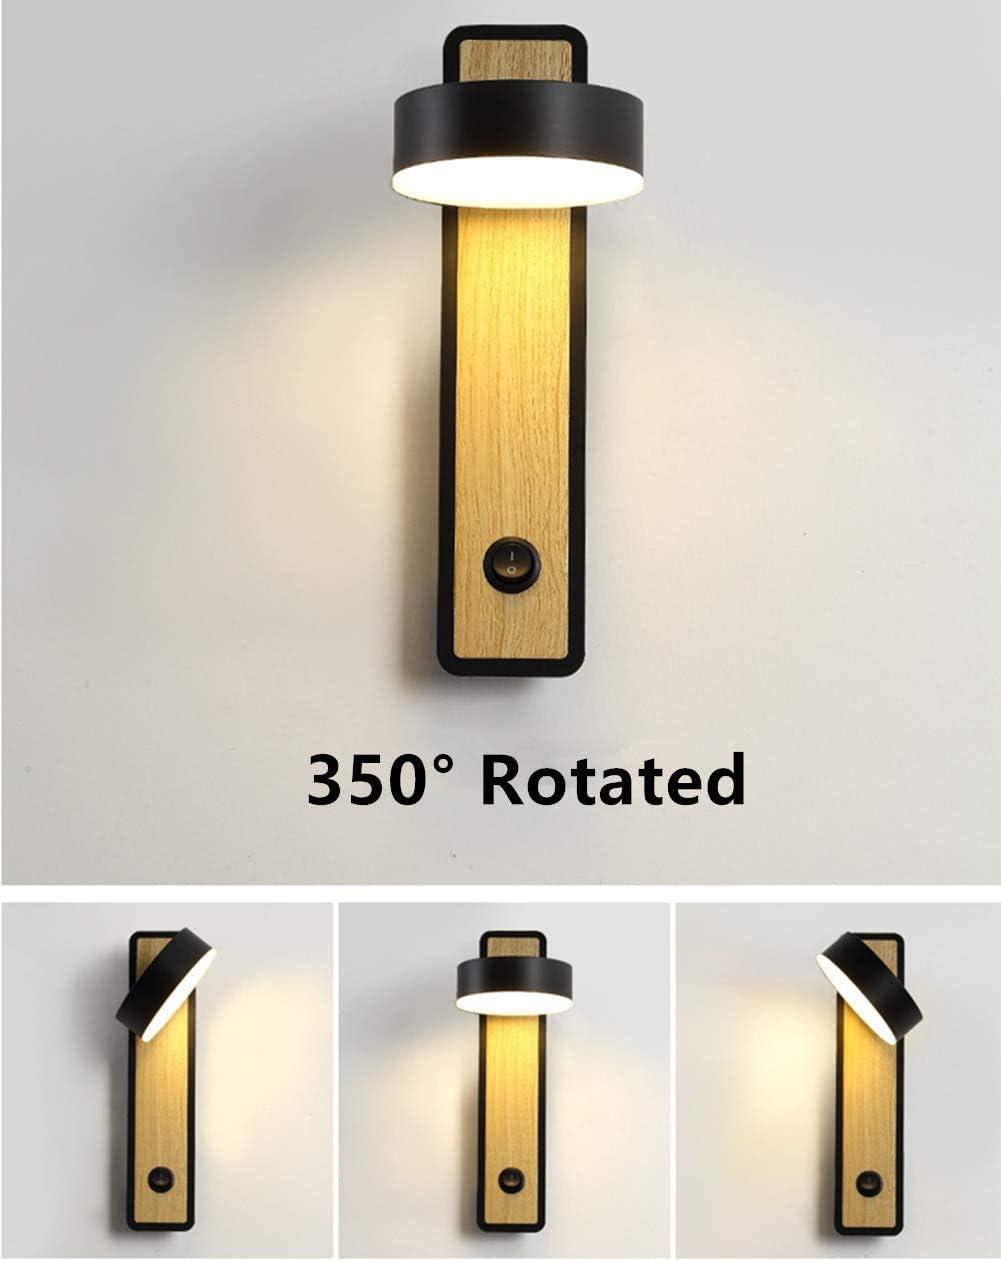 DGSD LED-Wandleuchte Innenwand-Wandleuchte aus Holz, verwendet in Schlafzimmer, Wohnzimmer, Bürokorridor, 350 ° drehbar (schwarz),Black Black